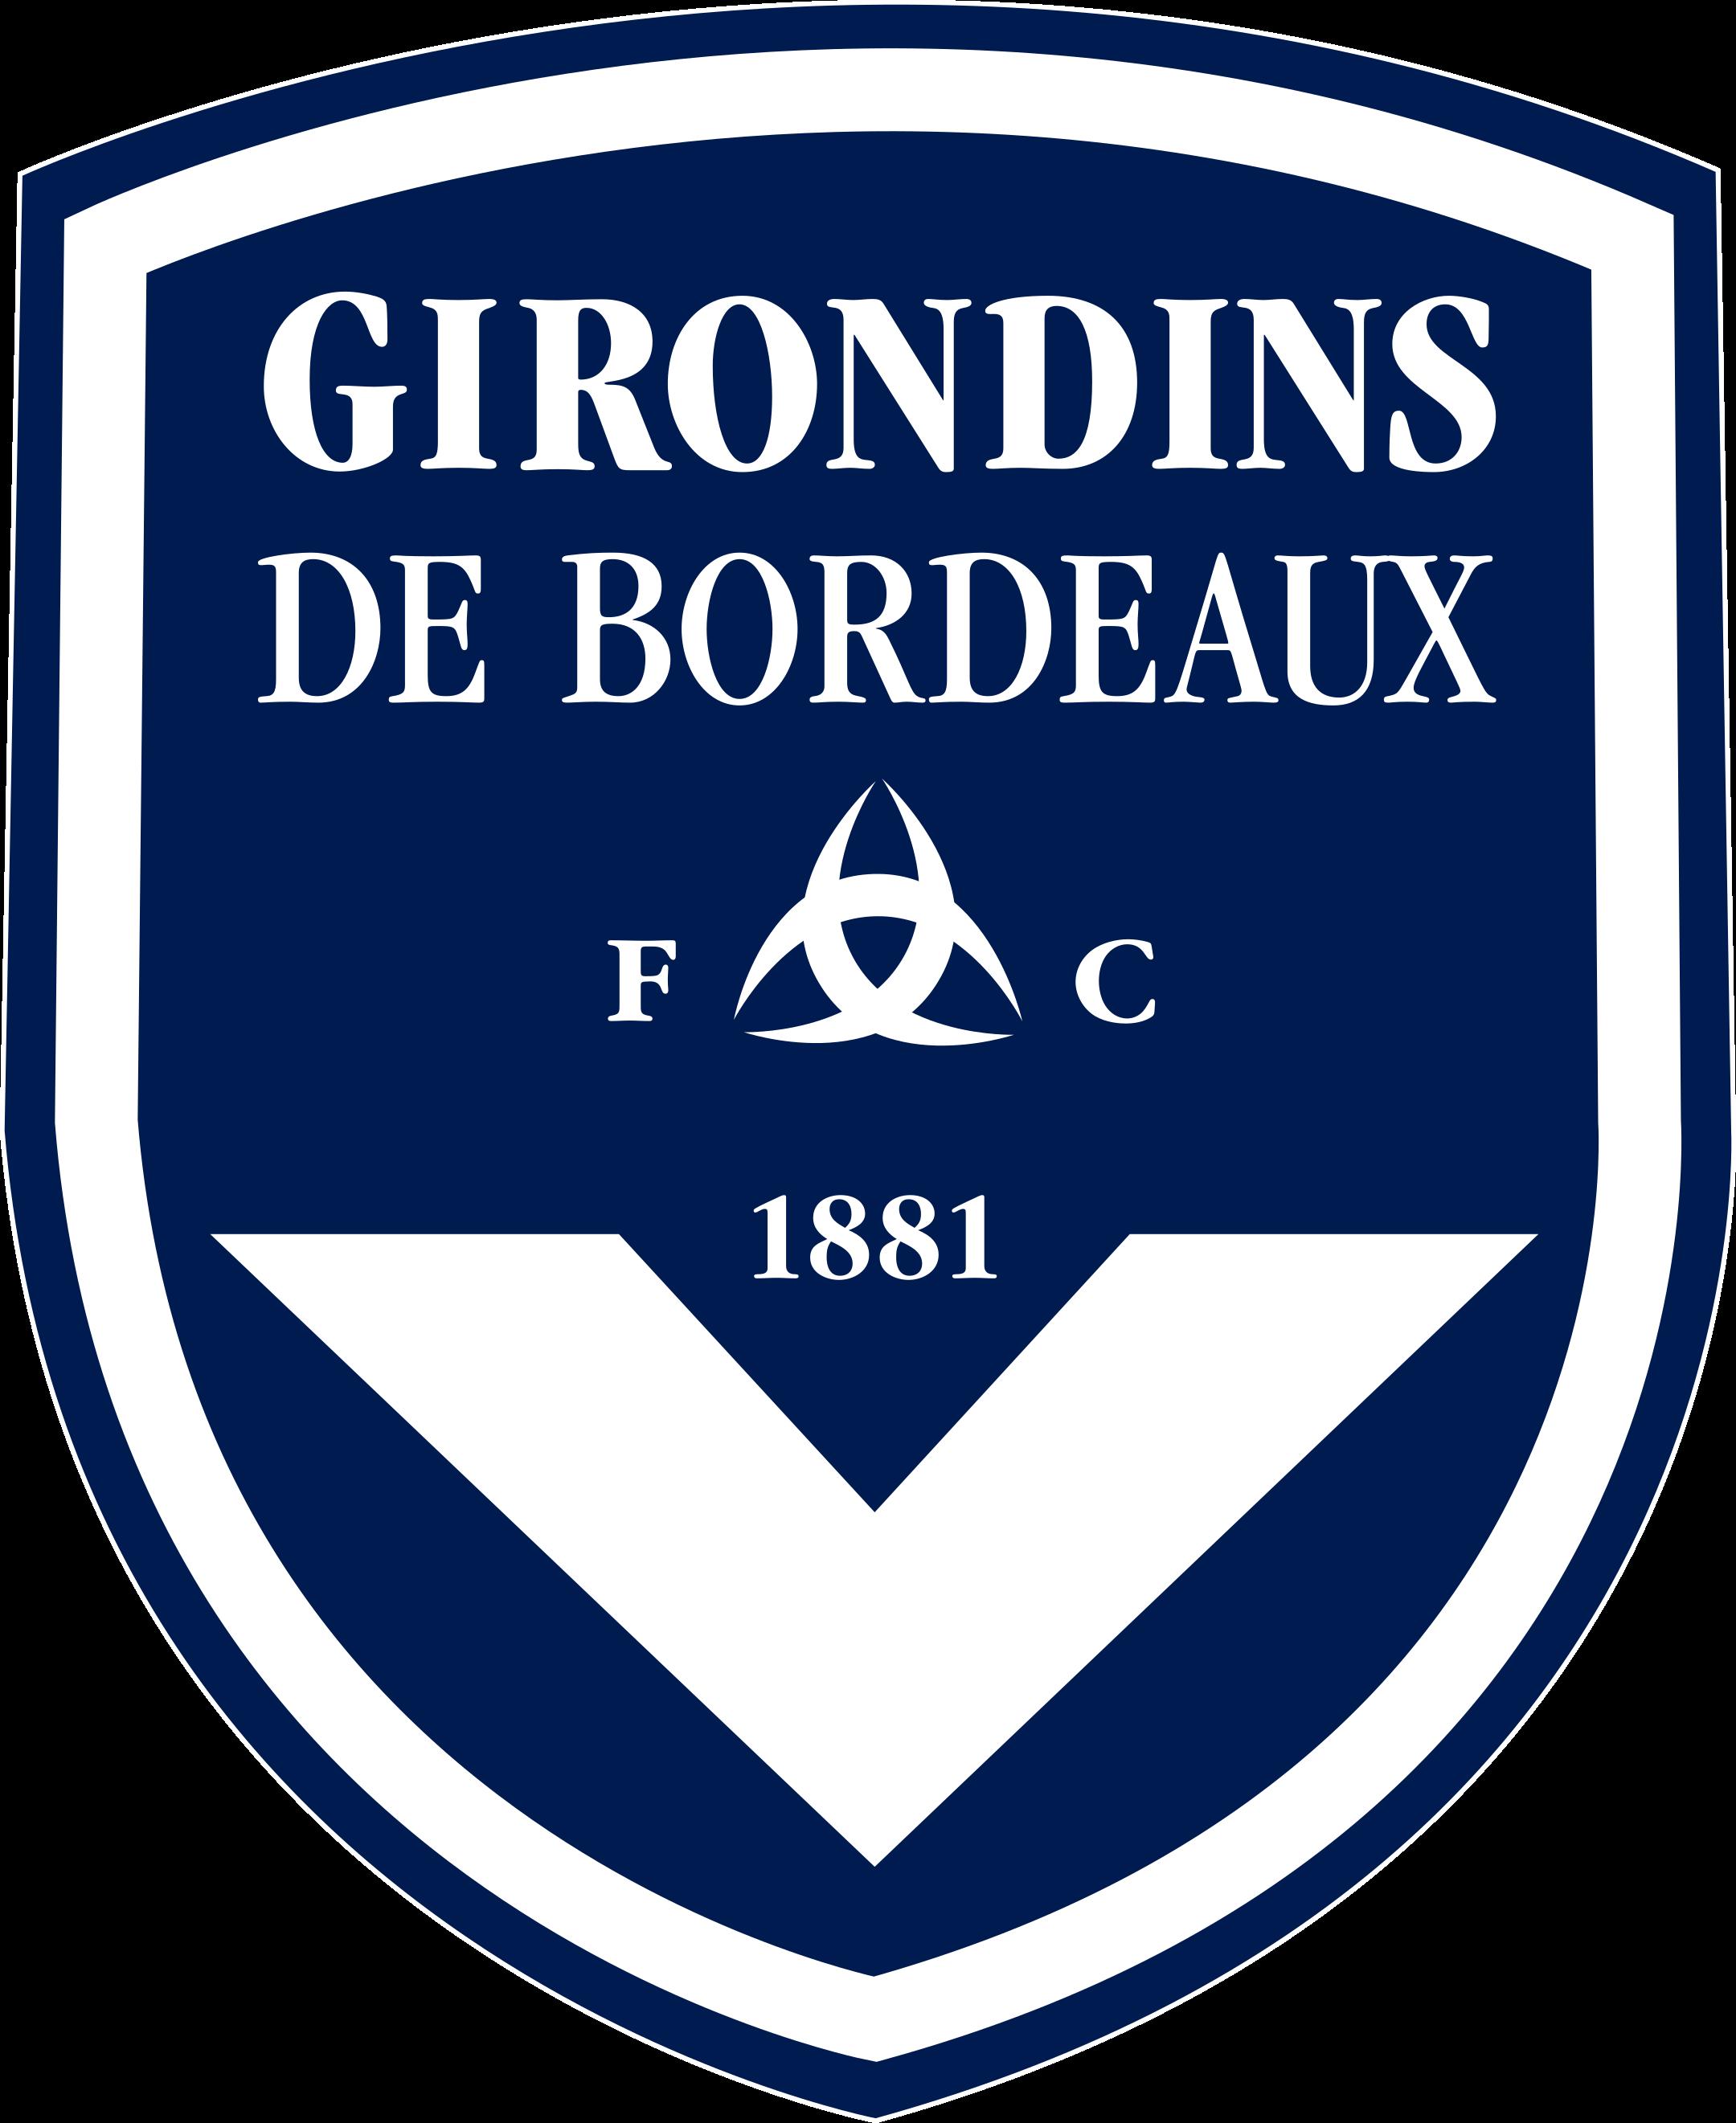 fc bordeaux logo 1 - FC Bordeaux Logo